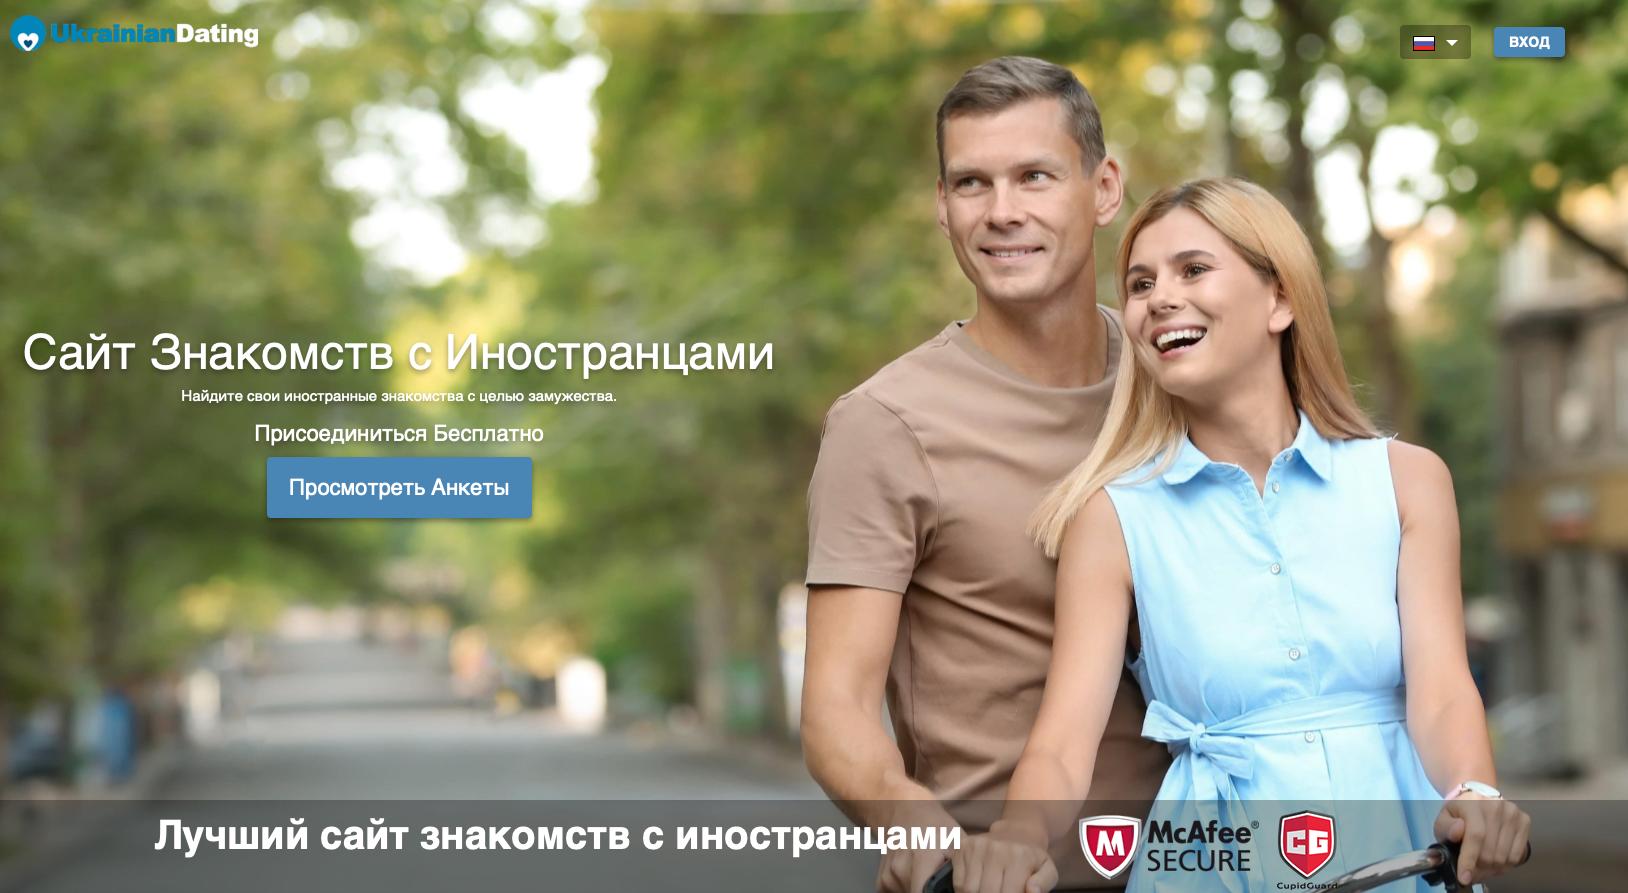 Татарский дейтинг: общение, дружба и брак по национальному признаку